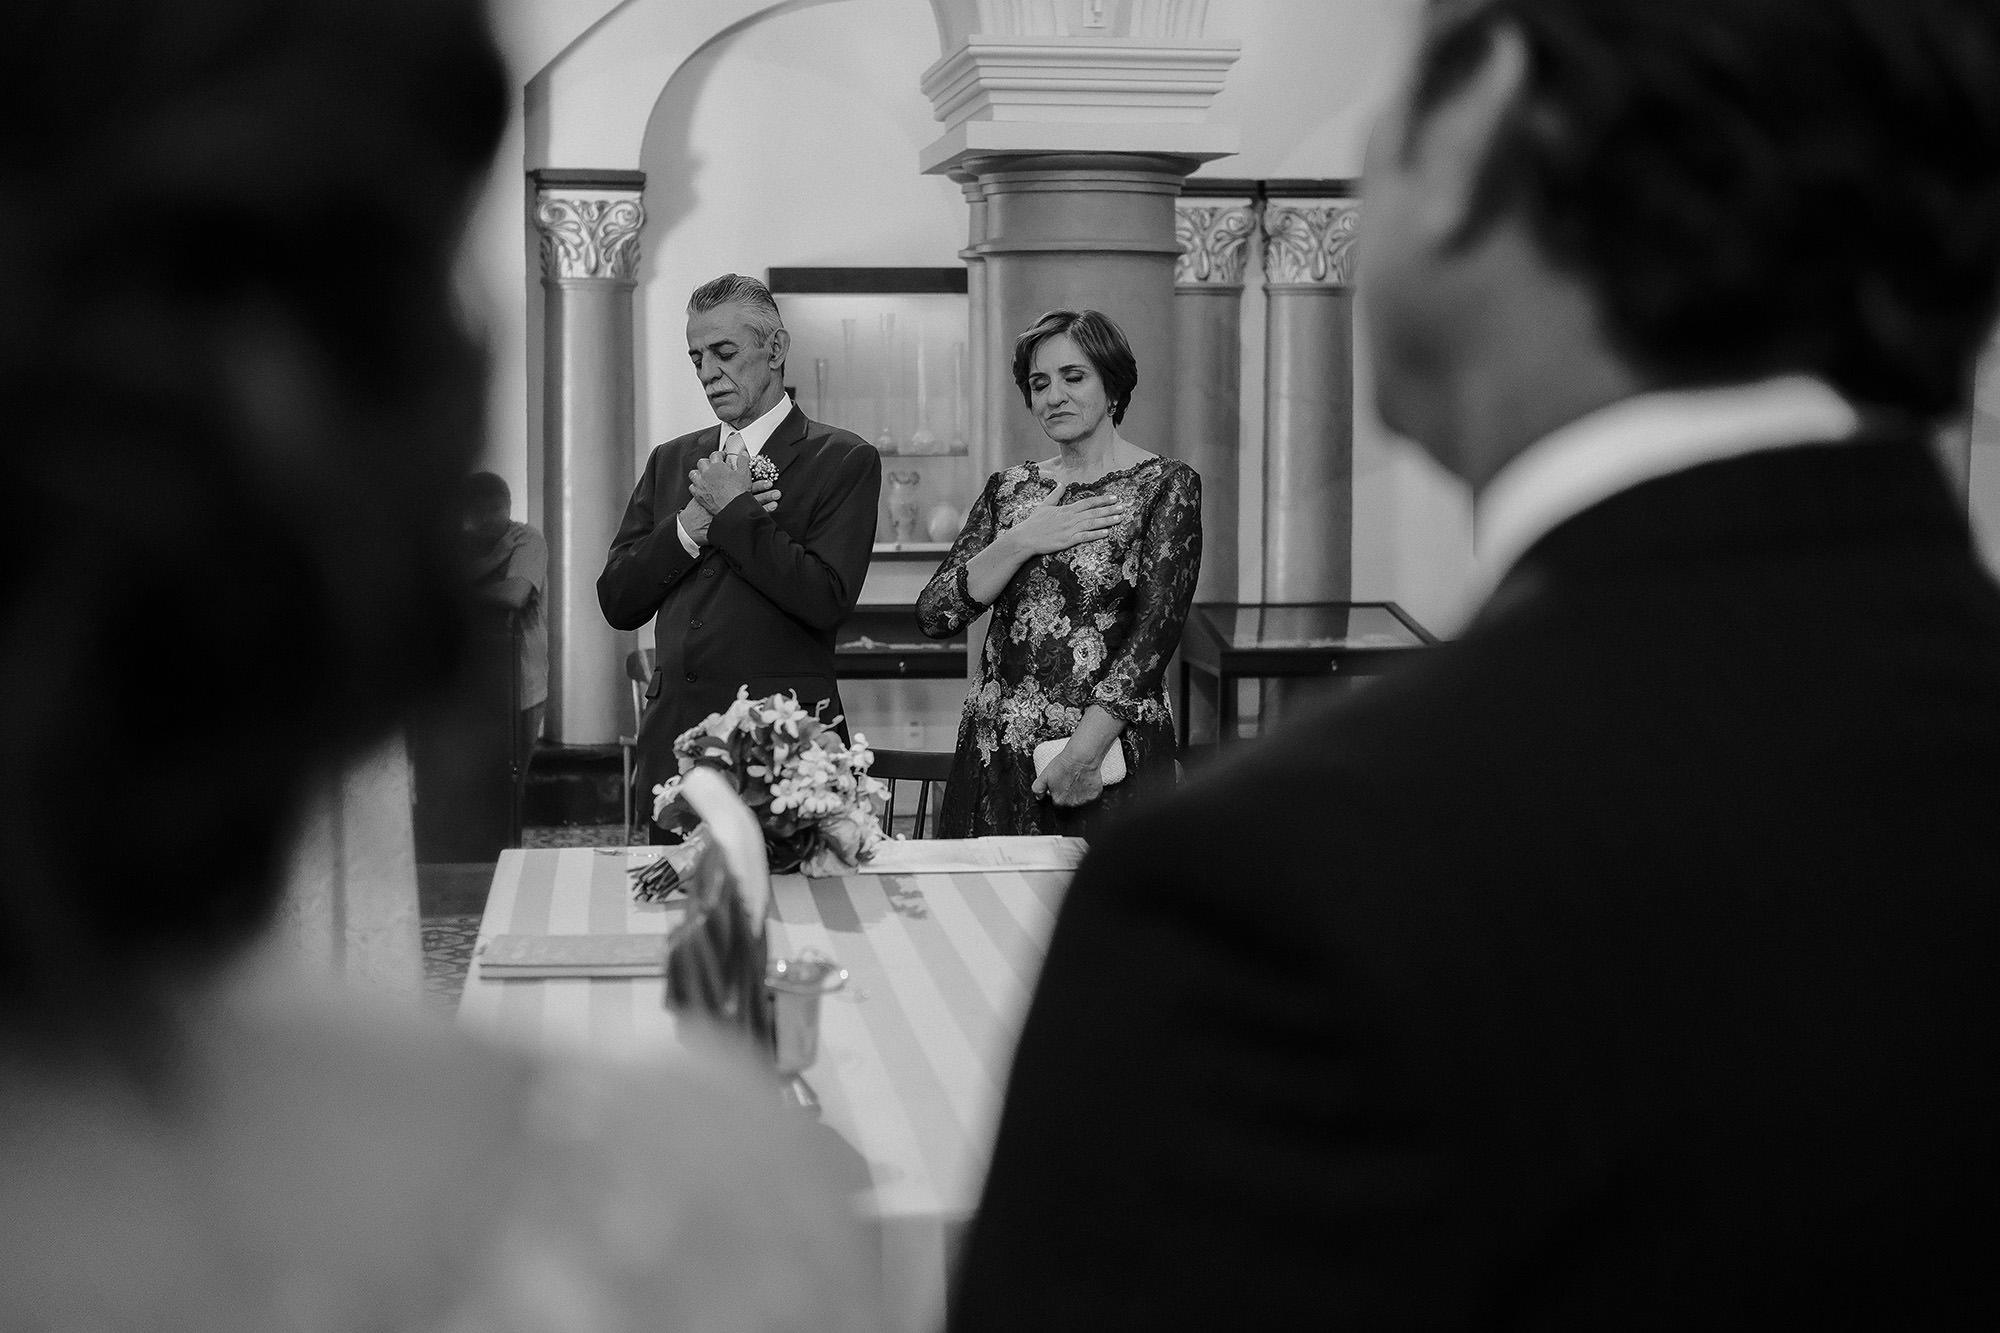 Mirian e Rafael - 2 Rios Memórias - #2riosmemorias - 029.jpg